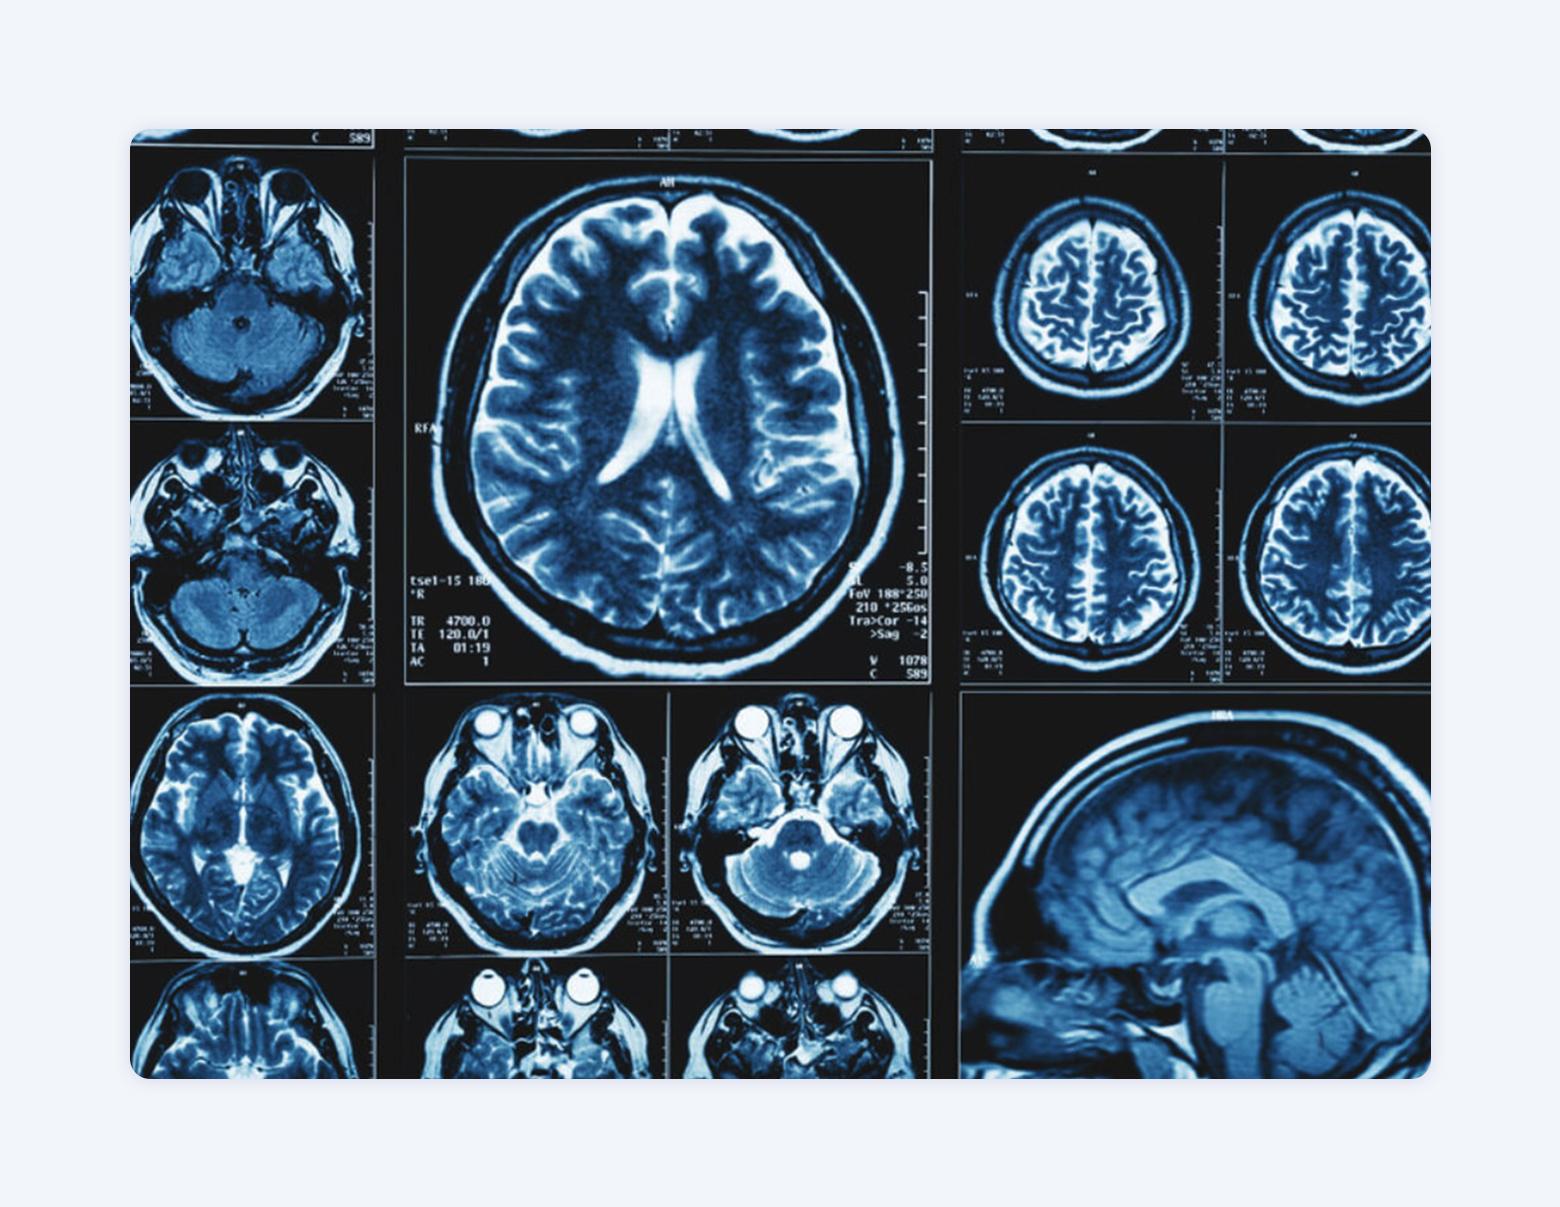 Wesley Medical Imaging: Medical diagnostic